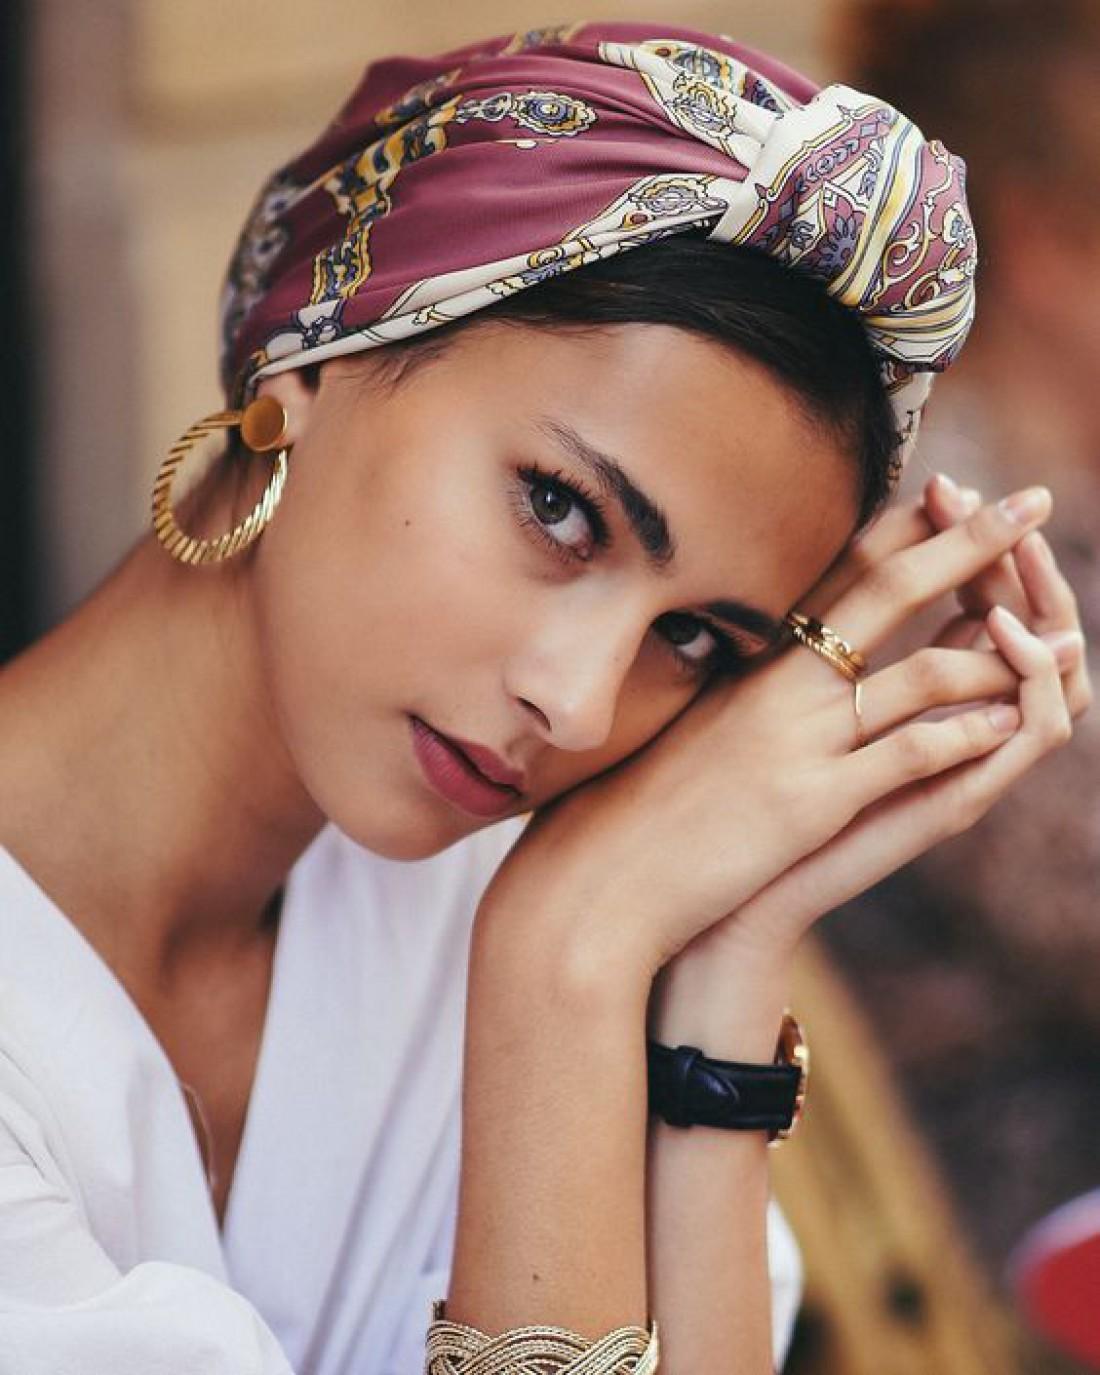 Тюрбан: как носить модный головной убор?